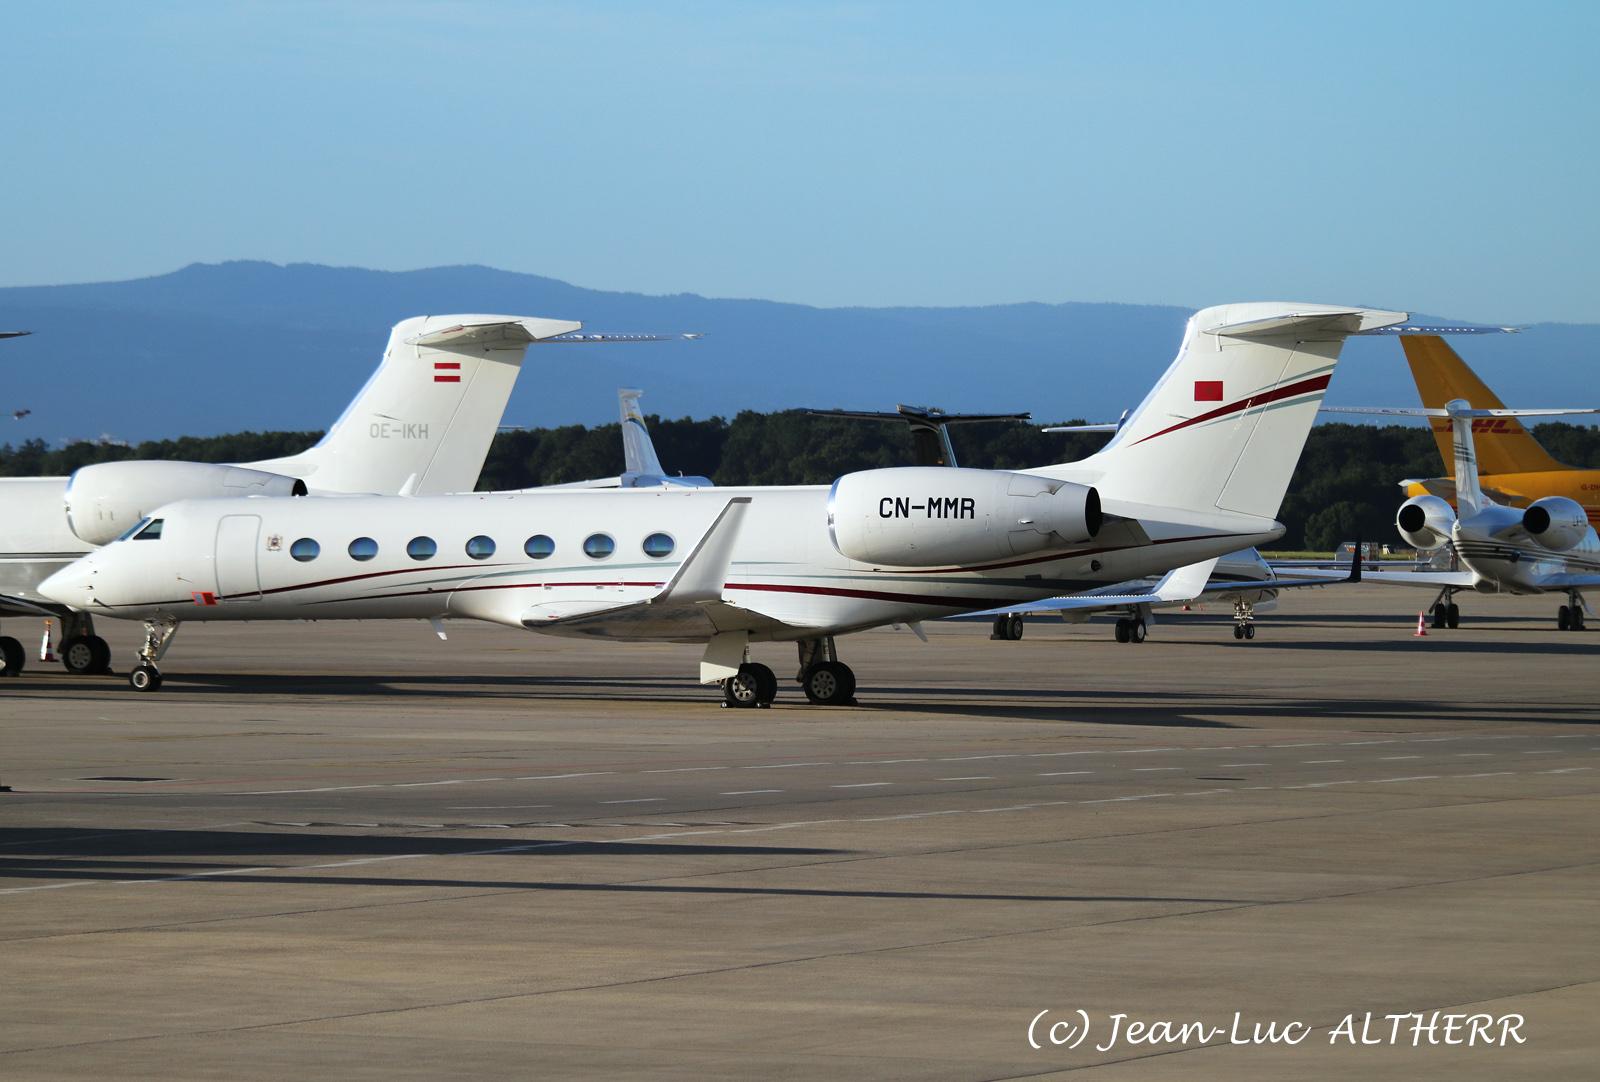 FRA: Avions VIP, Liaison & ECM - Page 24 50091372846_d8d84c9d97_o_d